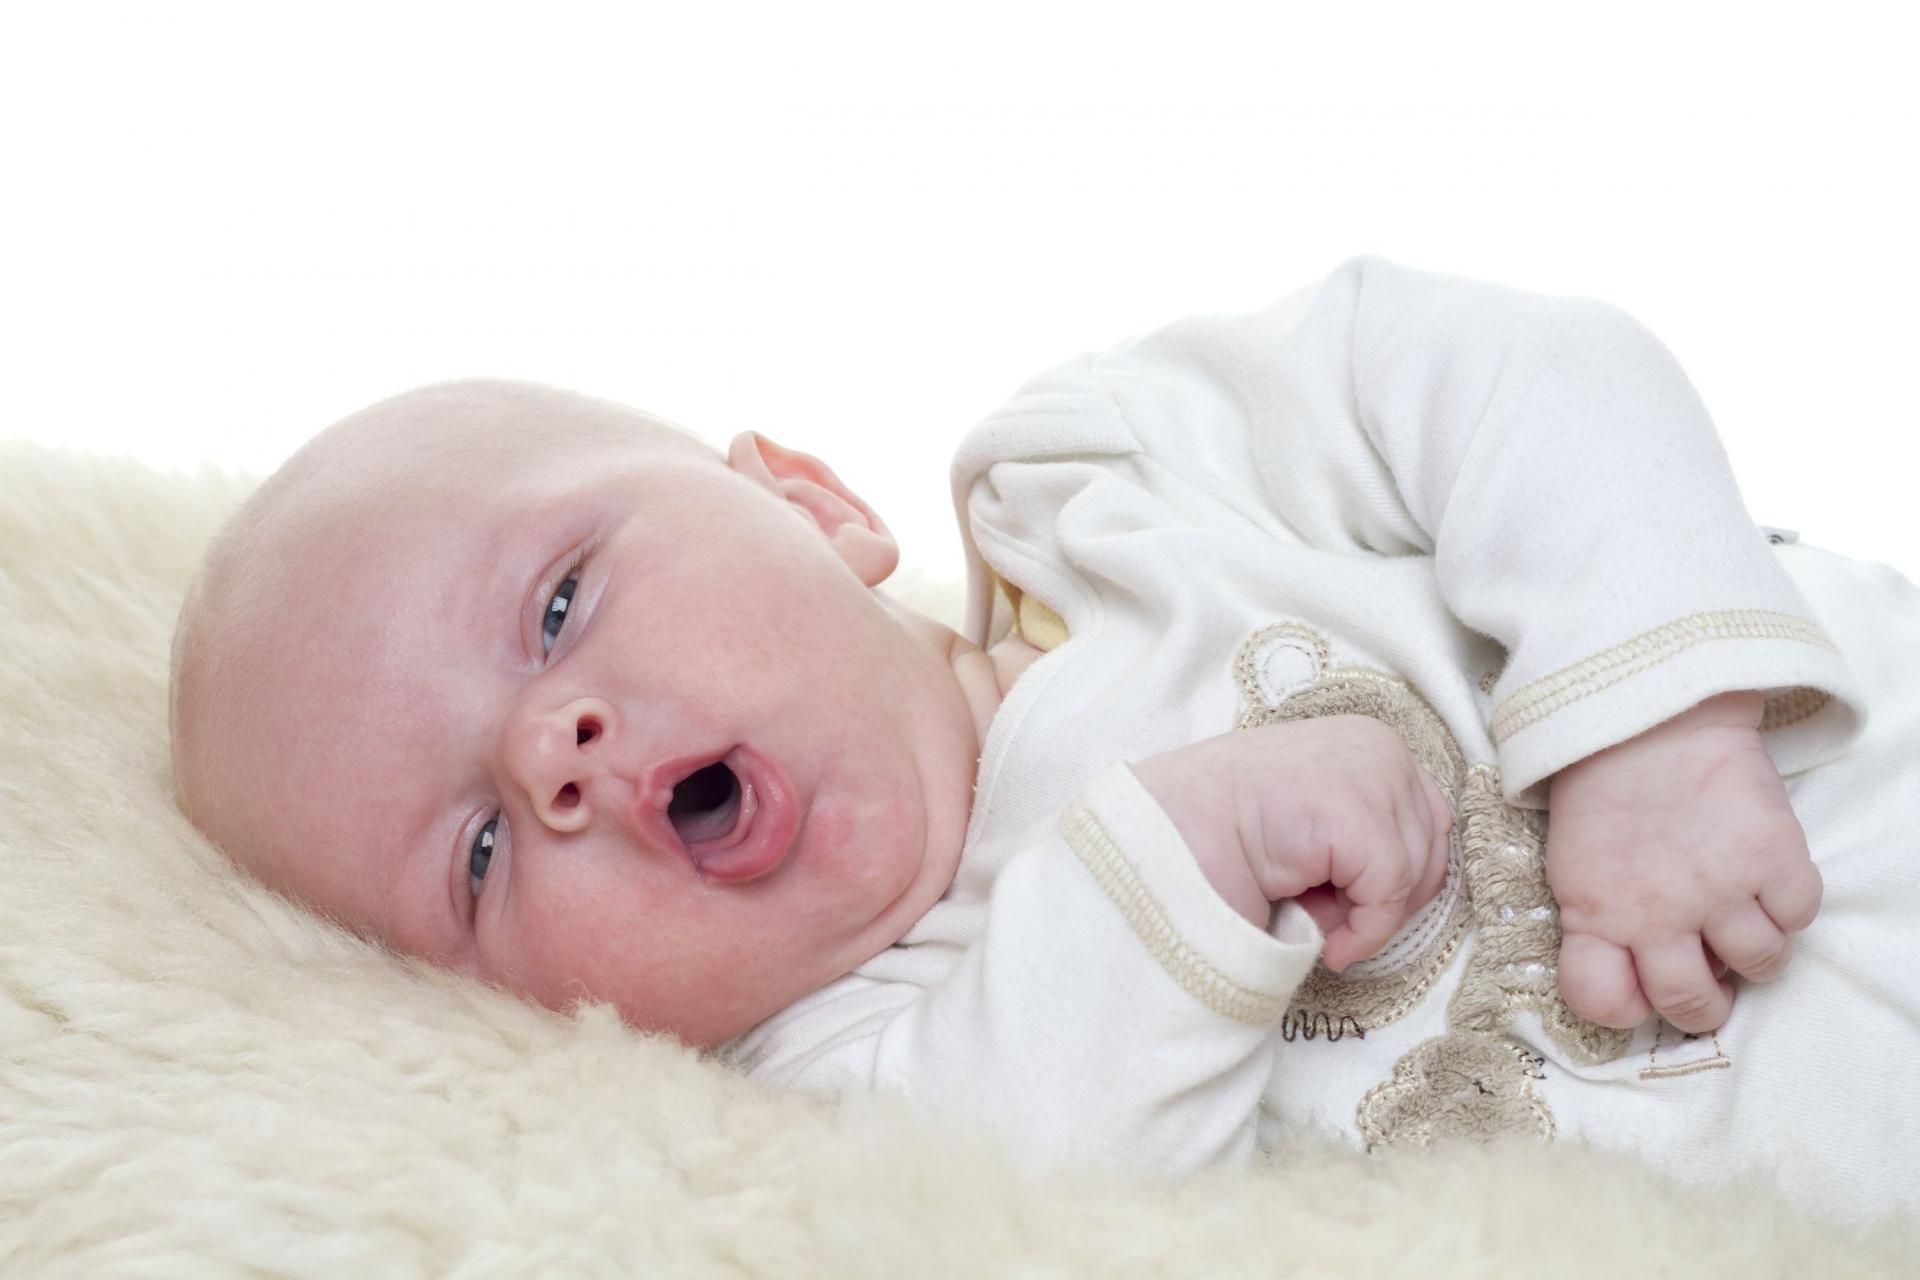 Бронхиолит у детей разного возраста: причины, симптомы, лечение и другие особенности